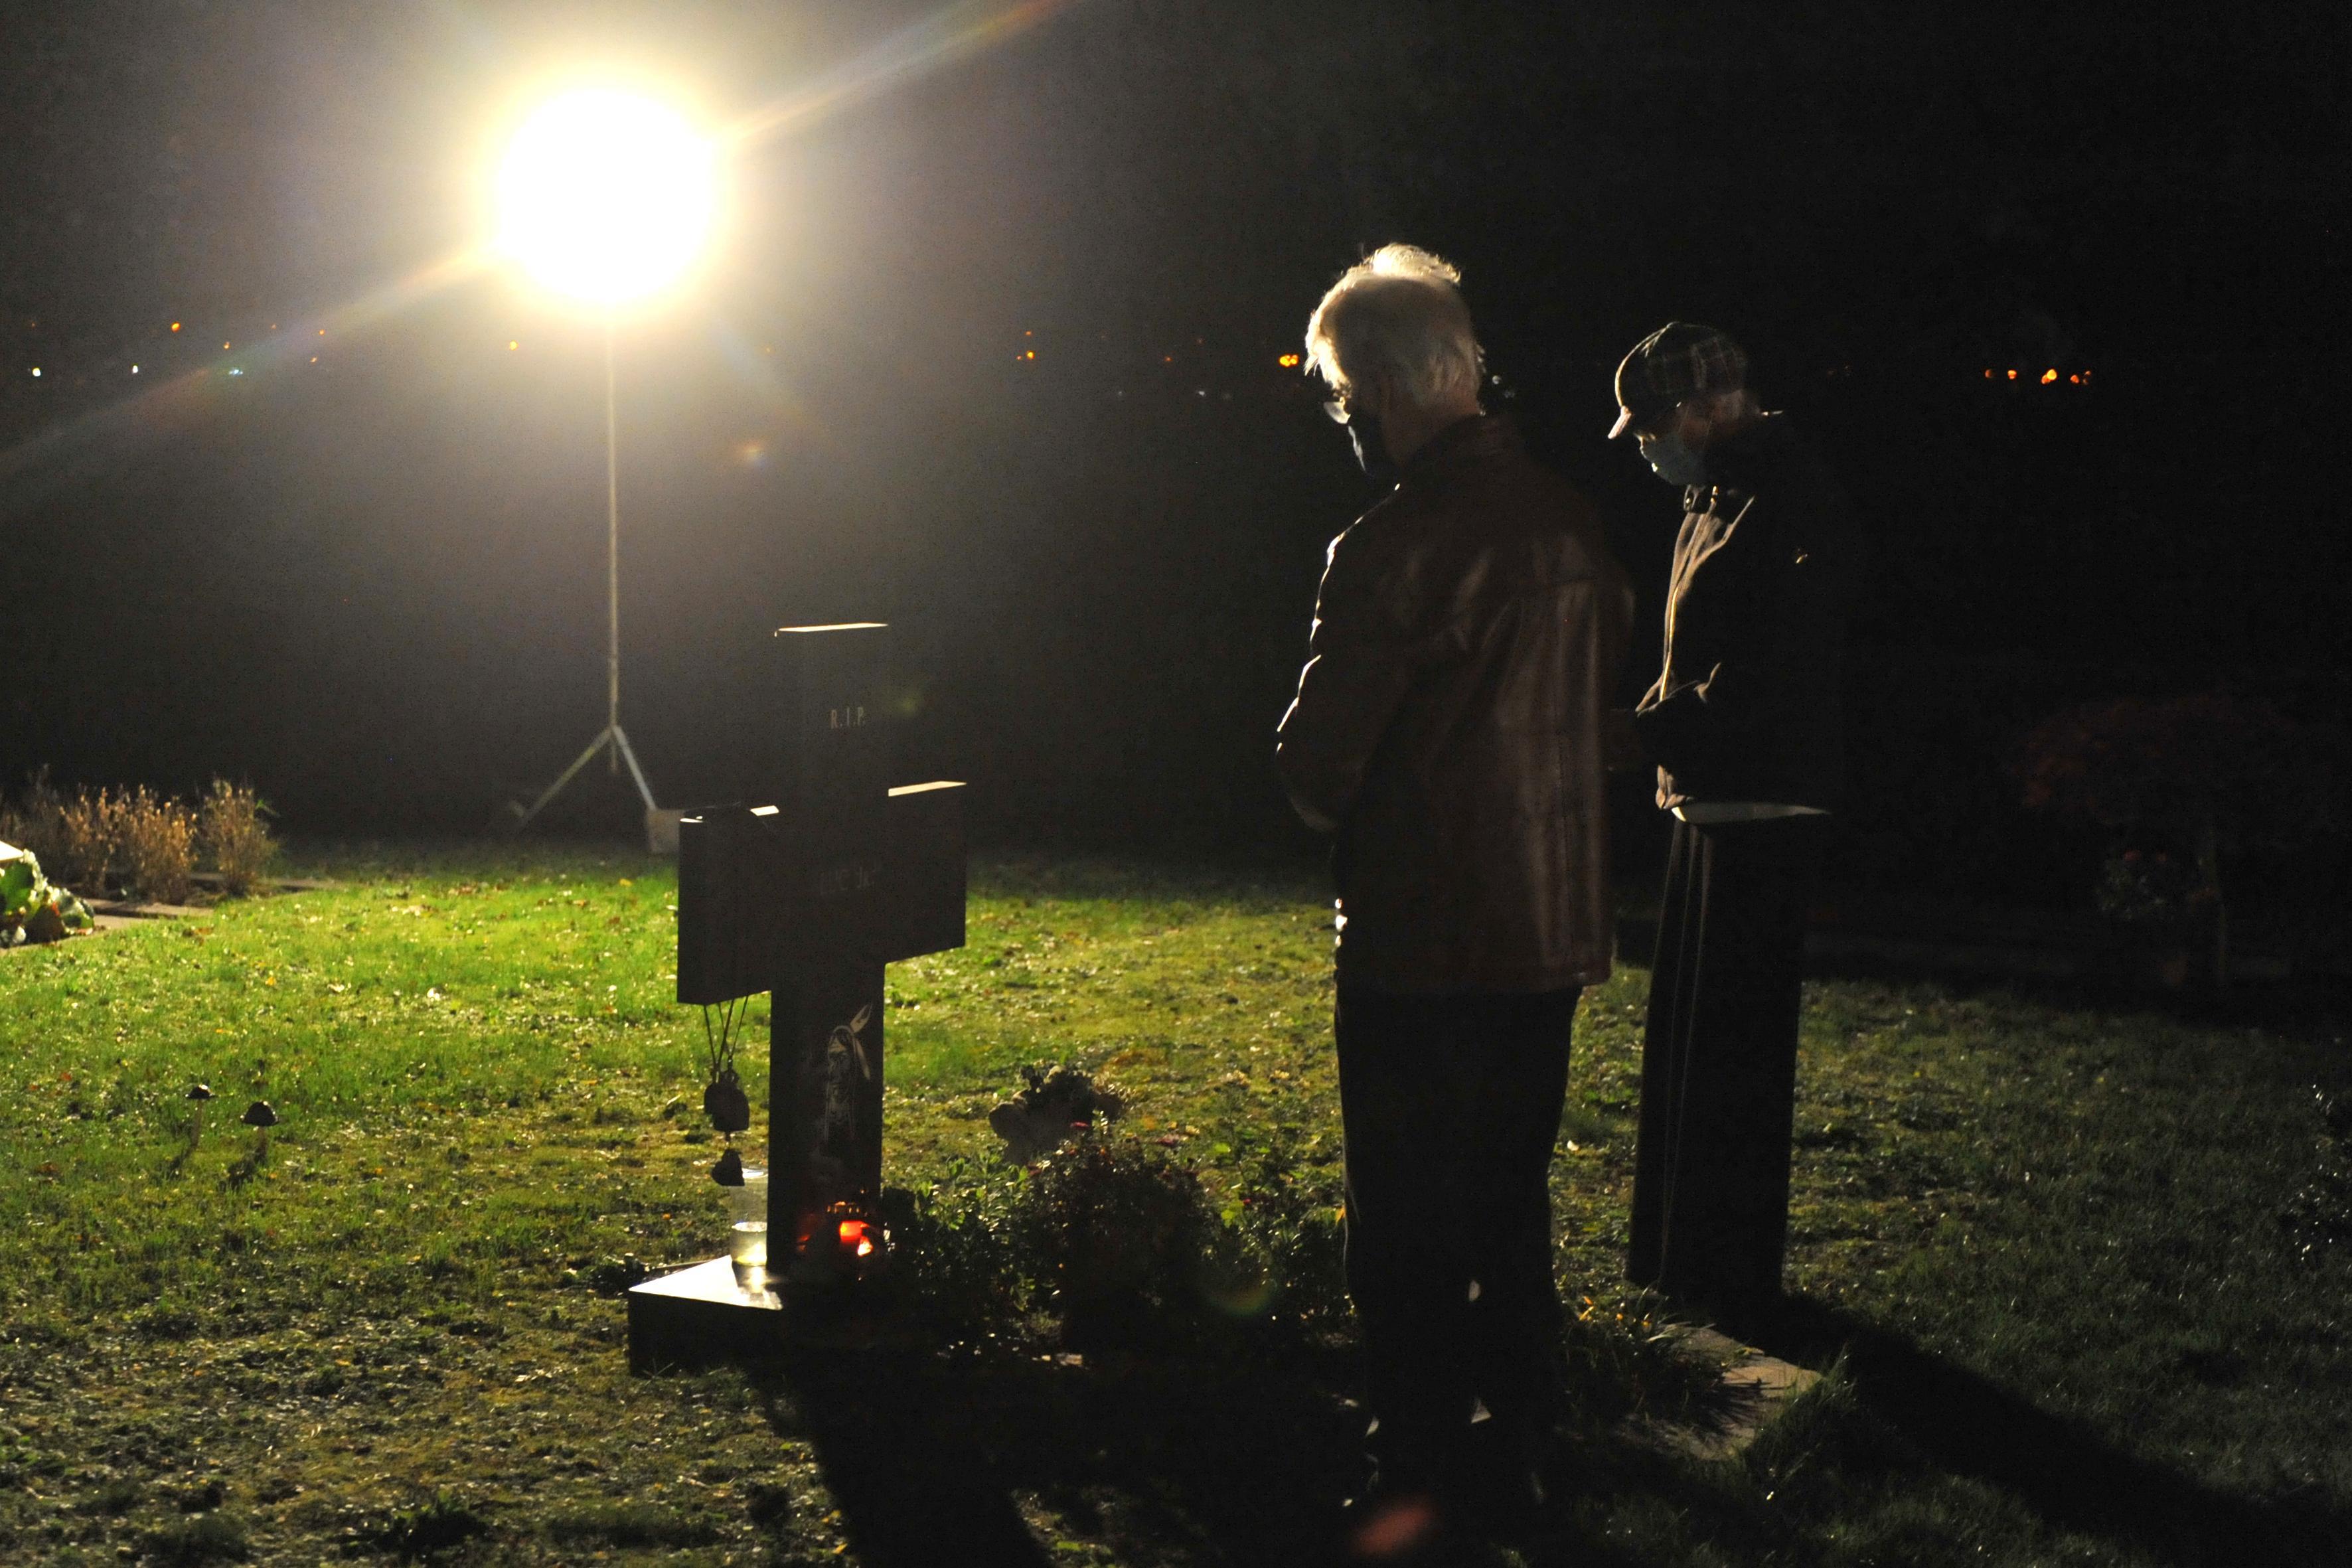 Katholieke IJmonders herdenken hun doden via livestream [video]